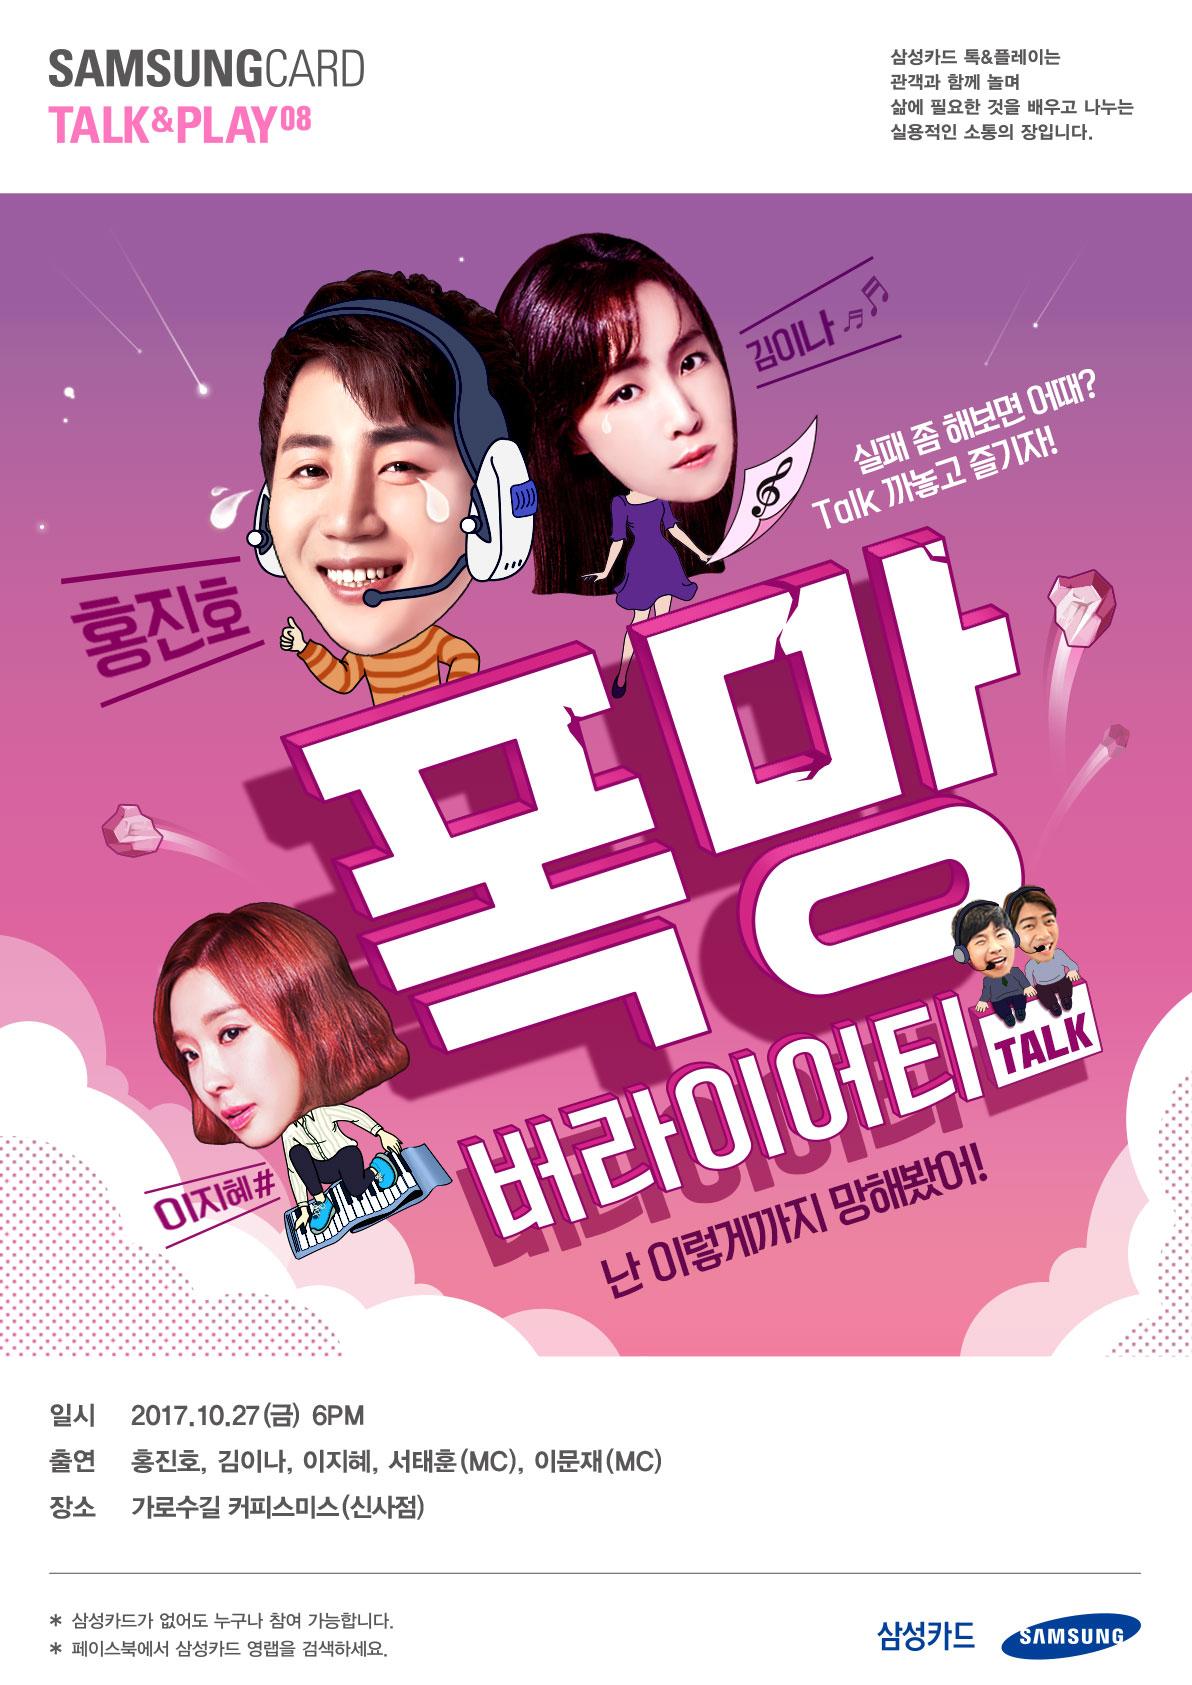 삼성카드 영랩 톡&플레이 토크콘서트